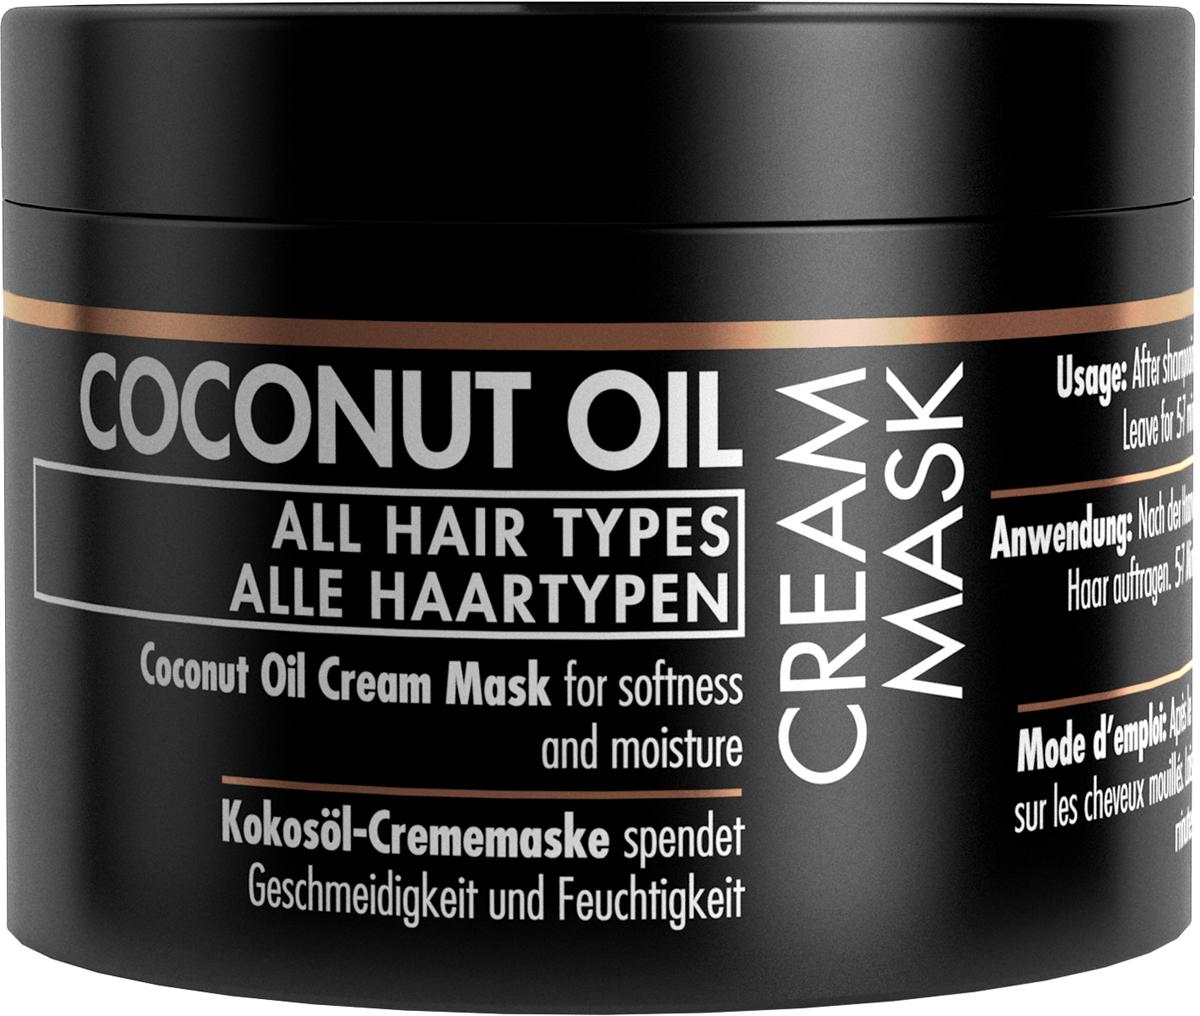 Gosh Маска для волос с кокосовым маслом Coconut Oil, 175 мл